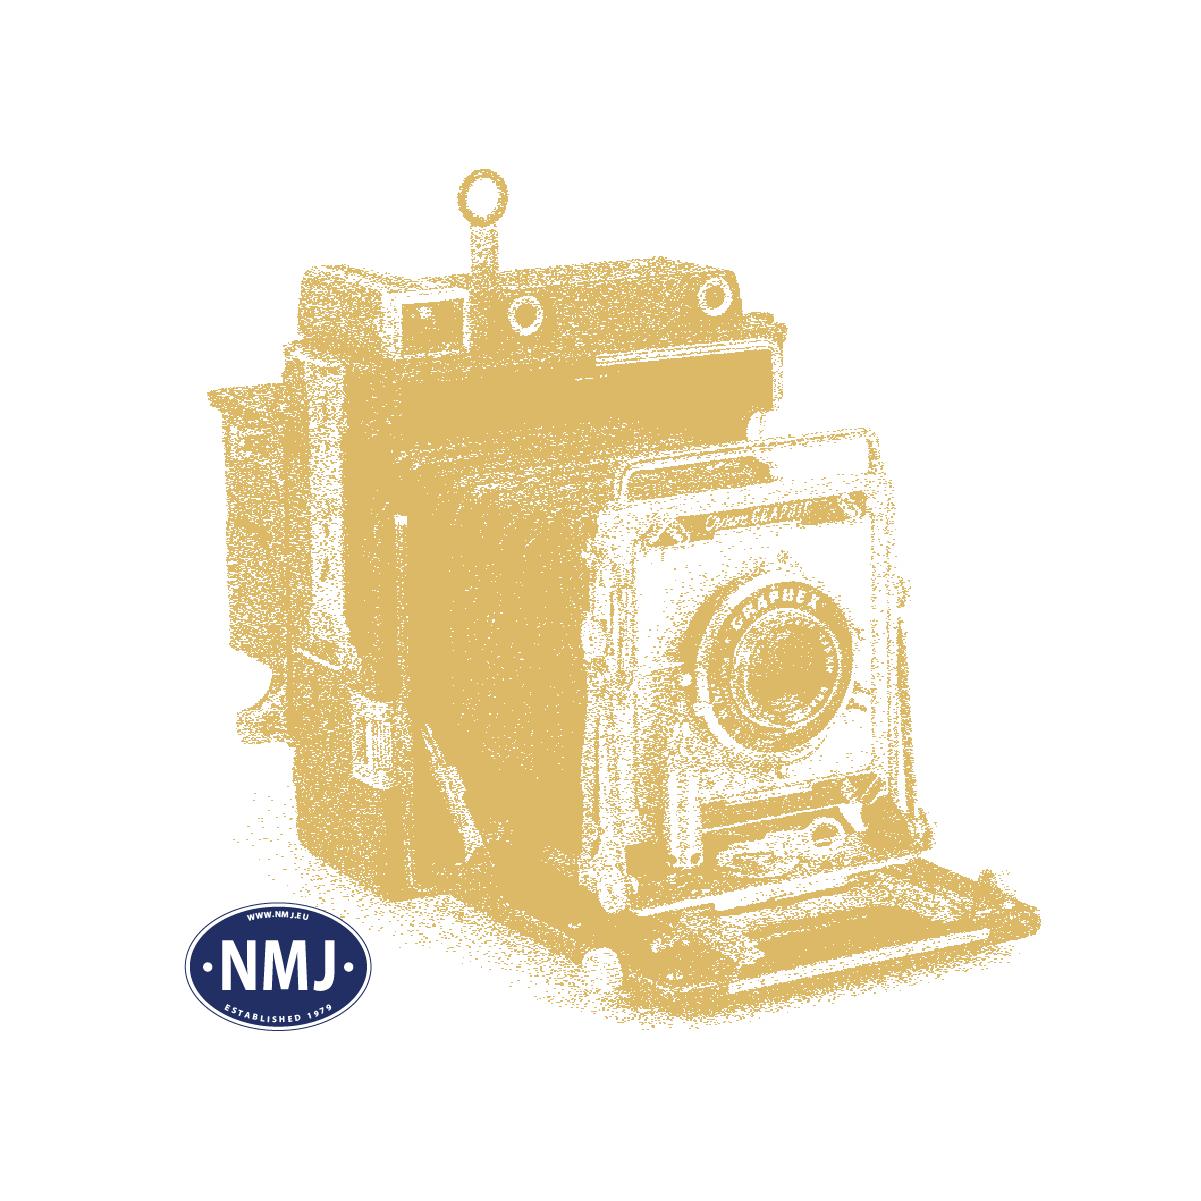 NMJST4-2 - NMJ Superline NSB Stakevogn Kbmp 21 76 312 7601-1